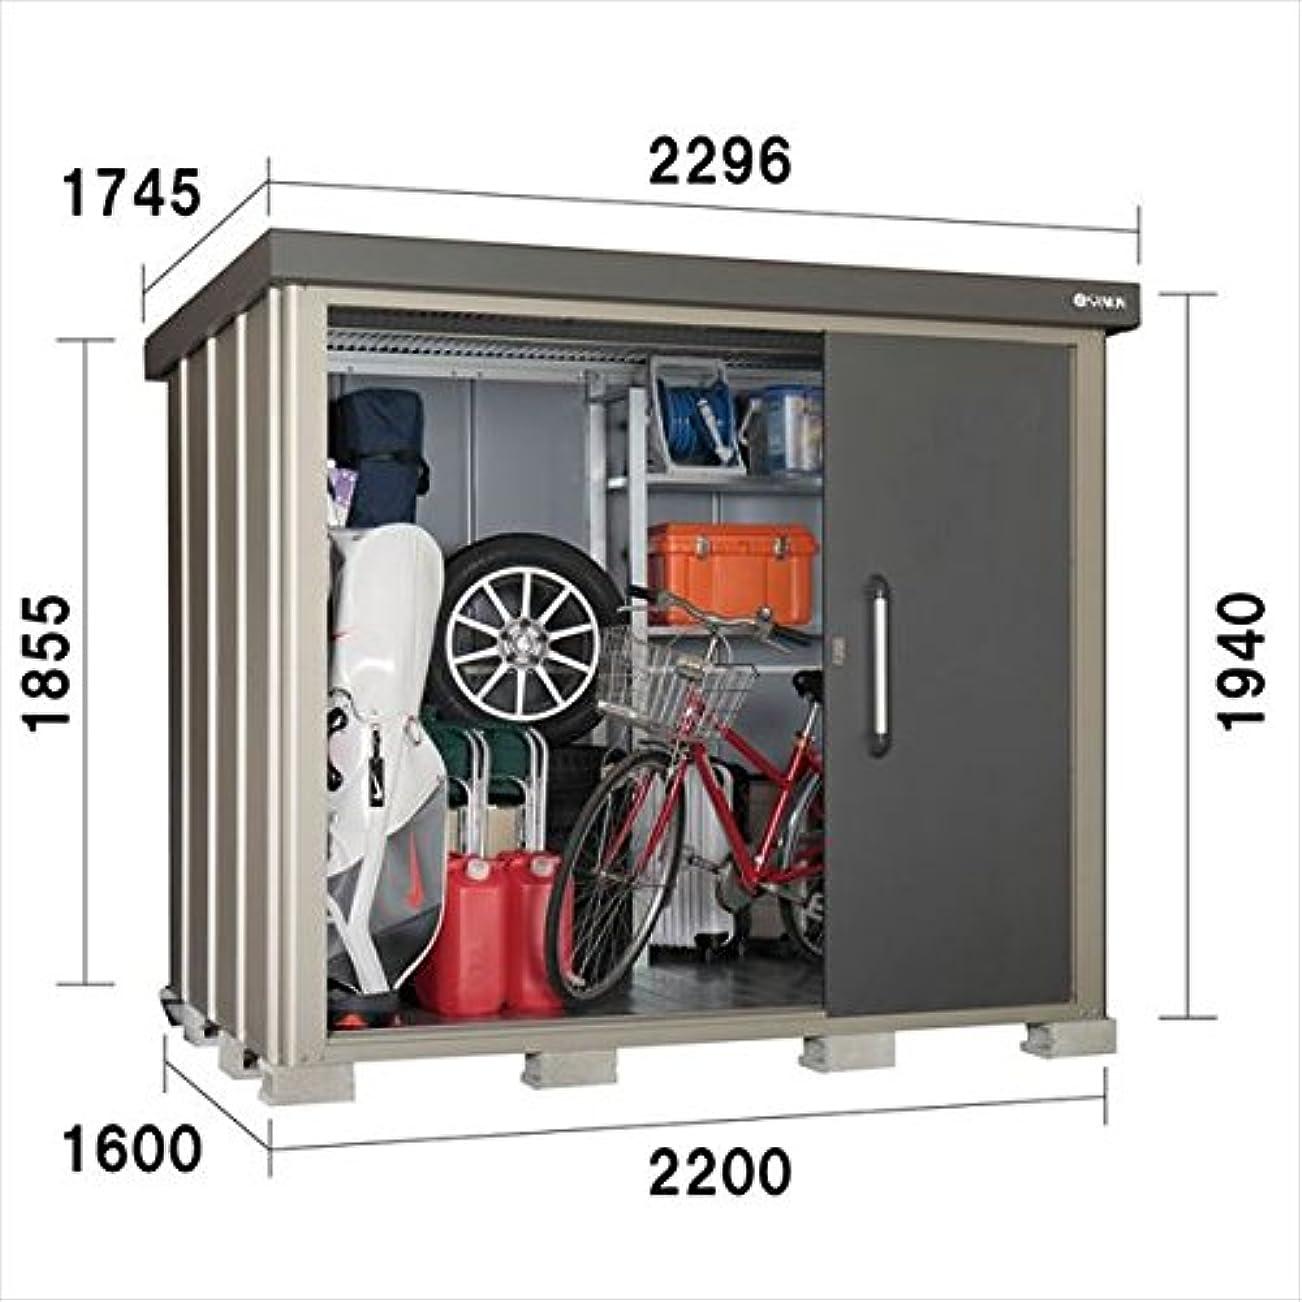 上昇虚弱組立サンキン物置 SK8 SK8-100 一般型 棚板棚支柱セット付 『中型?大型物置 屋外 DIY向け』 ギングロ